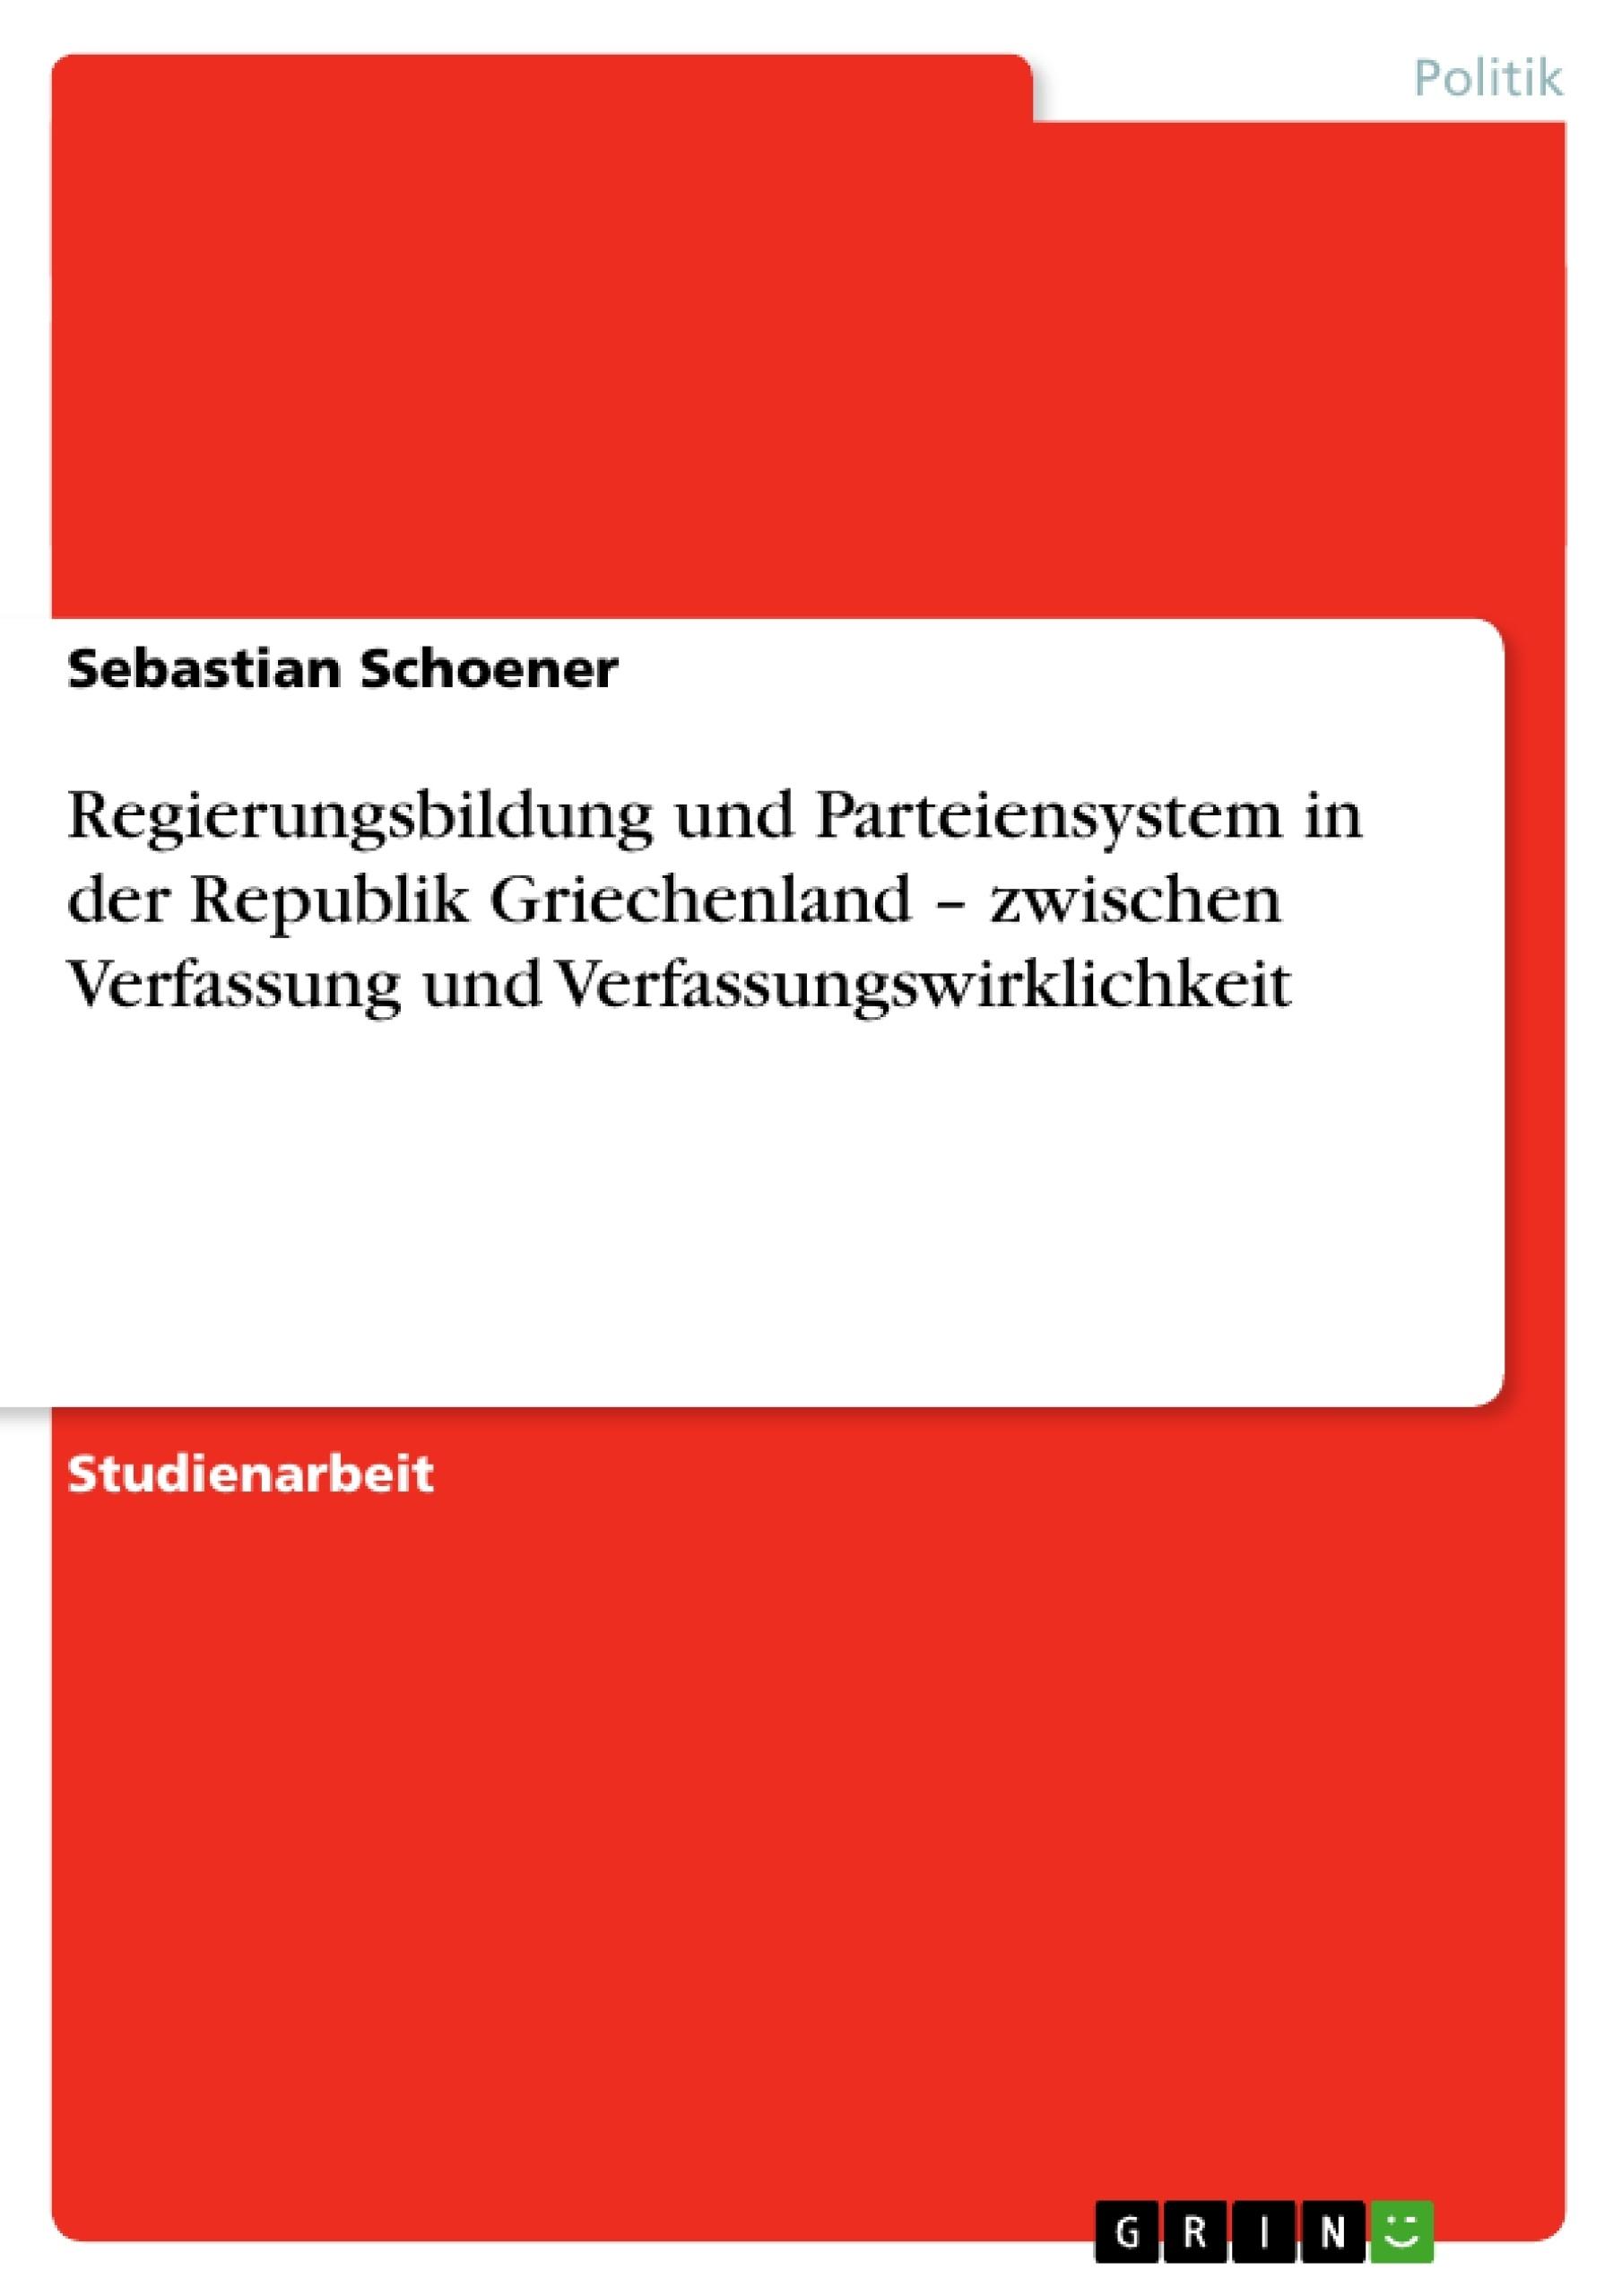 Titel: Regierungsbildung und Parteiensystem in der Republik Griechenland – zwischen Verfassung und Verfassungswirklichkeit